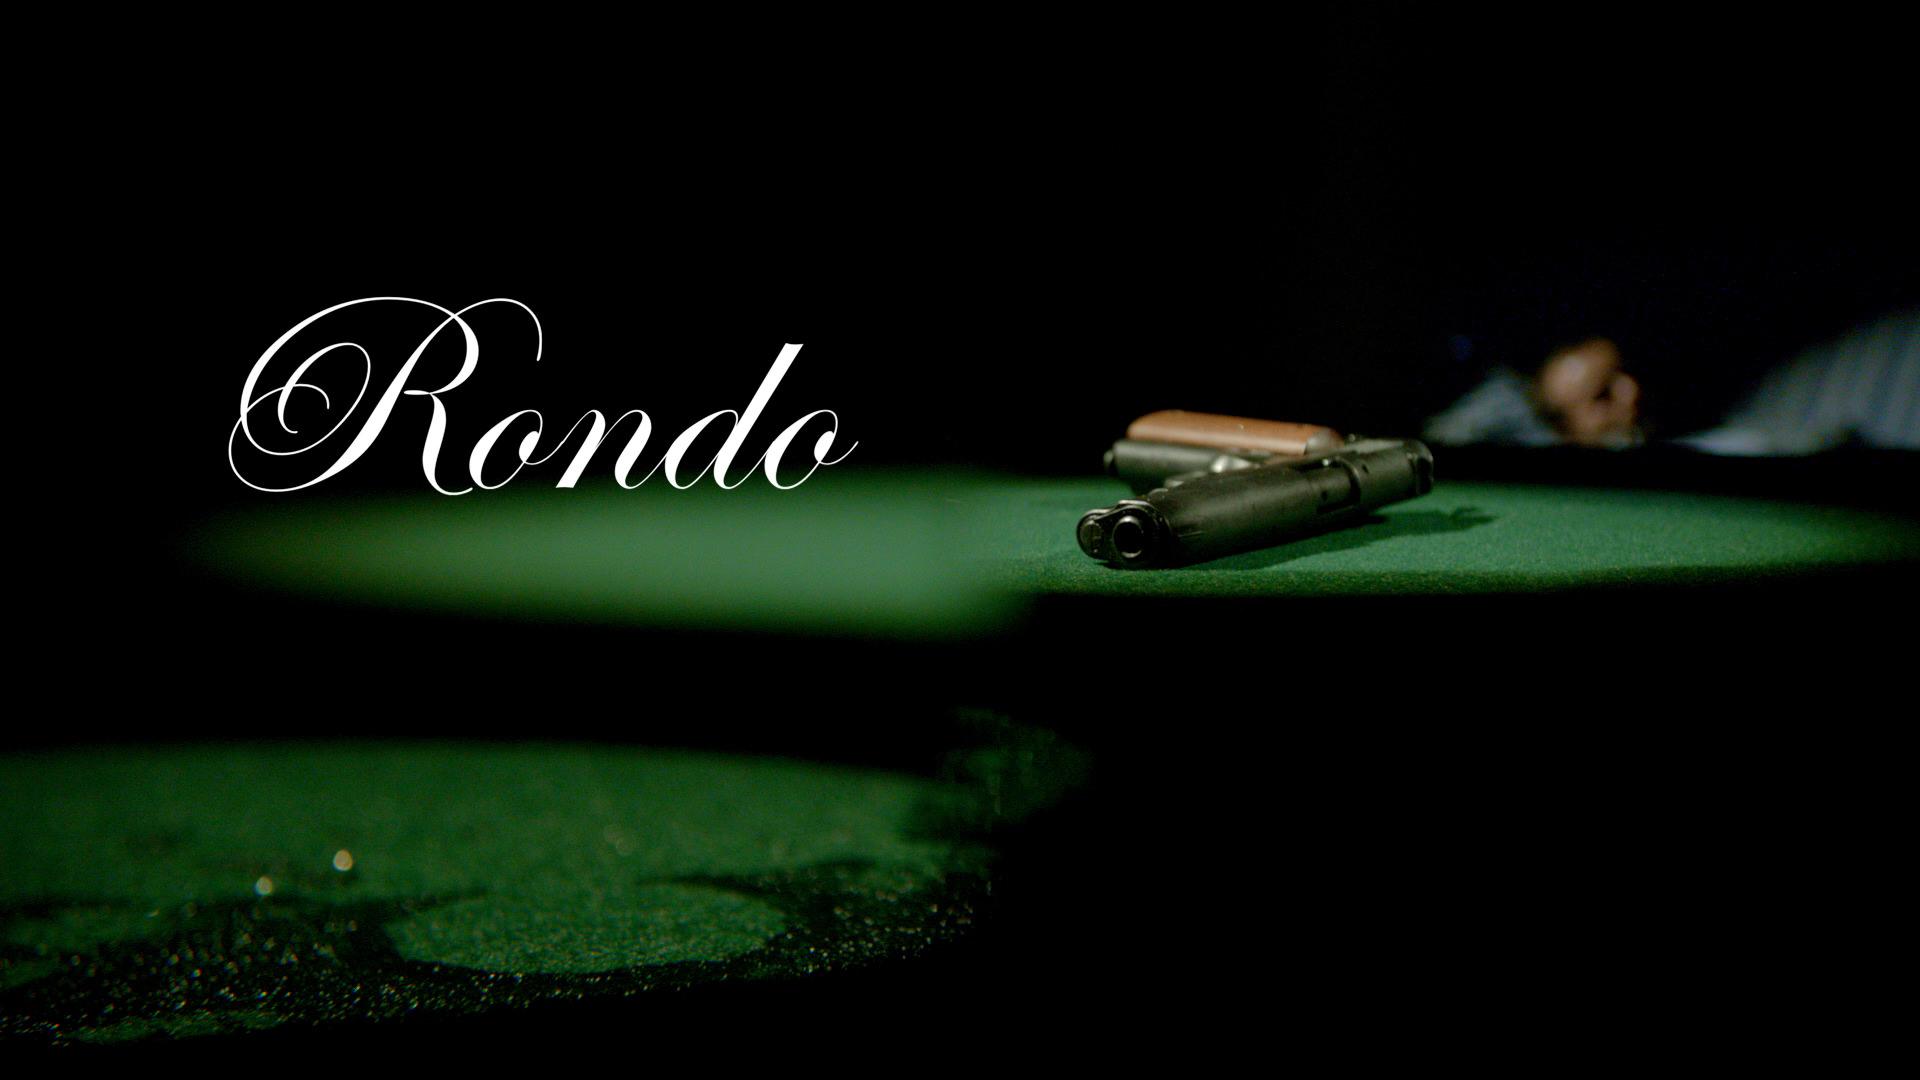 RondoTitleCredits_FilmStill.jpg